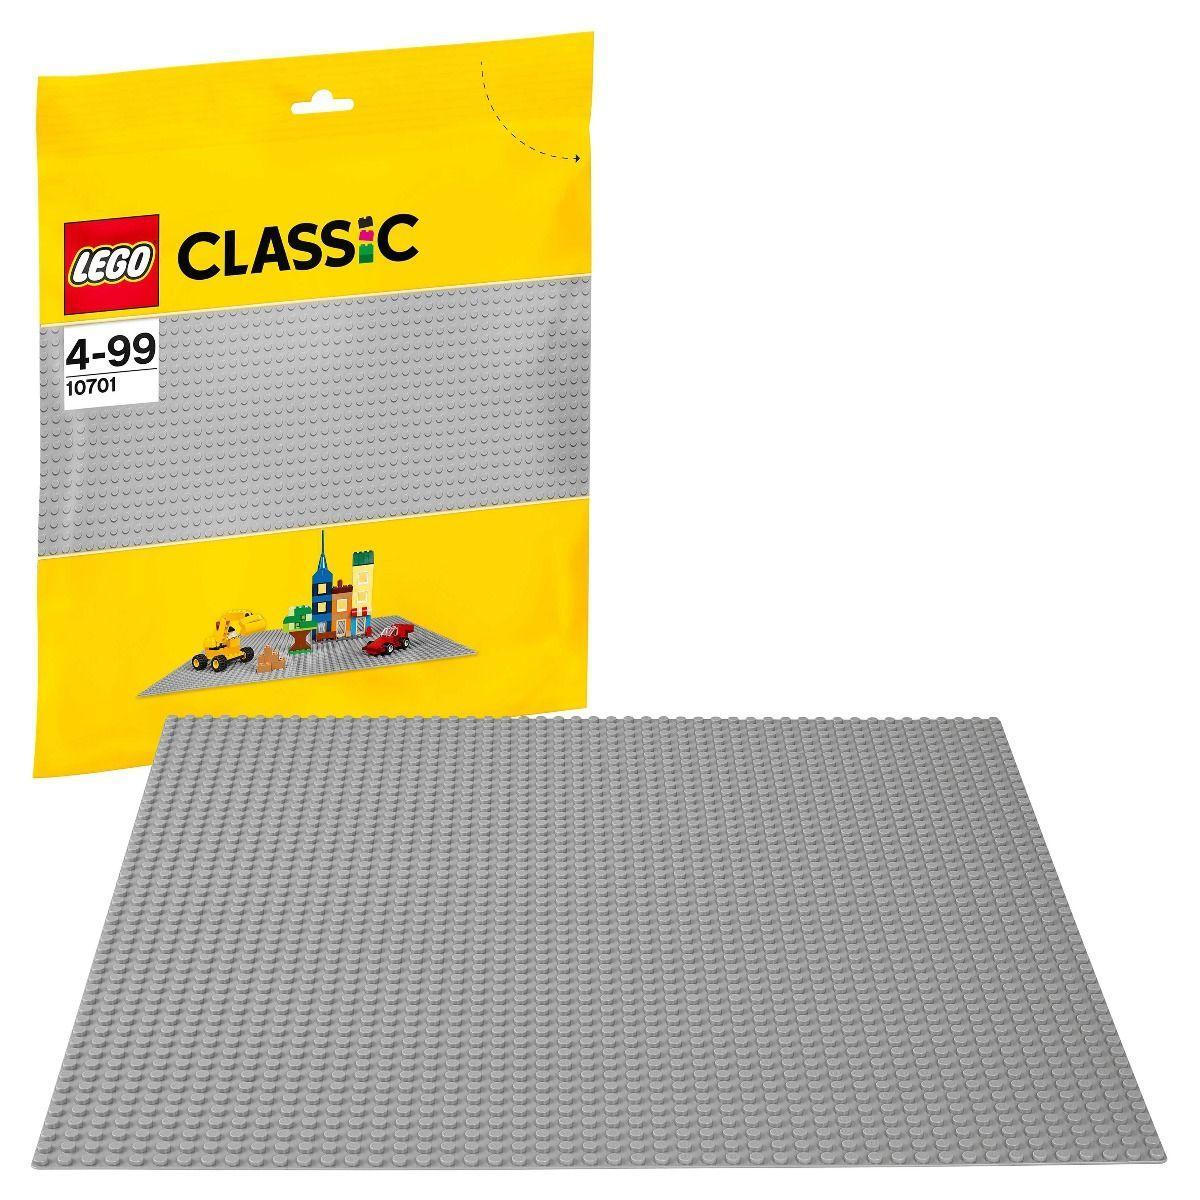 LEGO возраст 4+ : Строительная пластина серого цвета Classic 10701 - фото 1